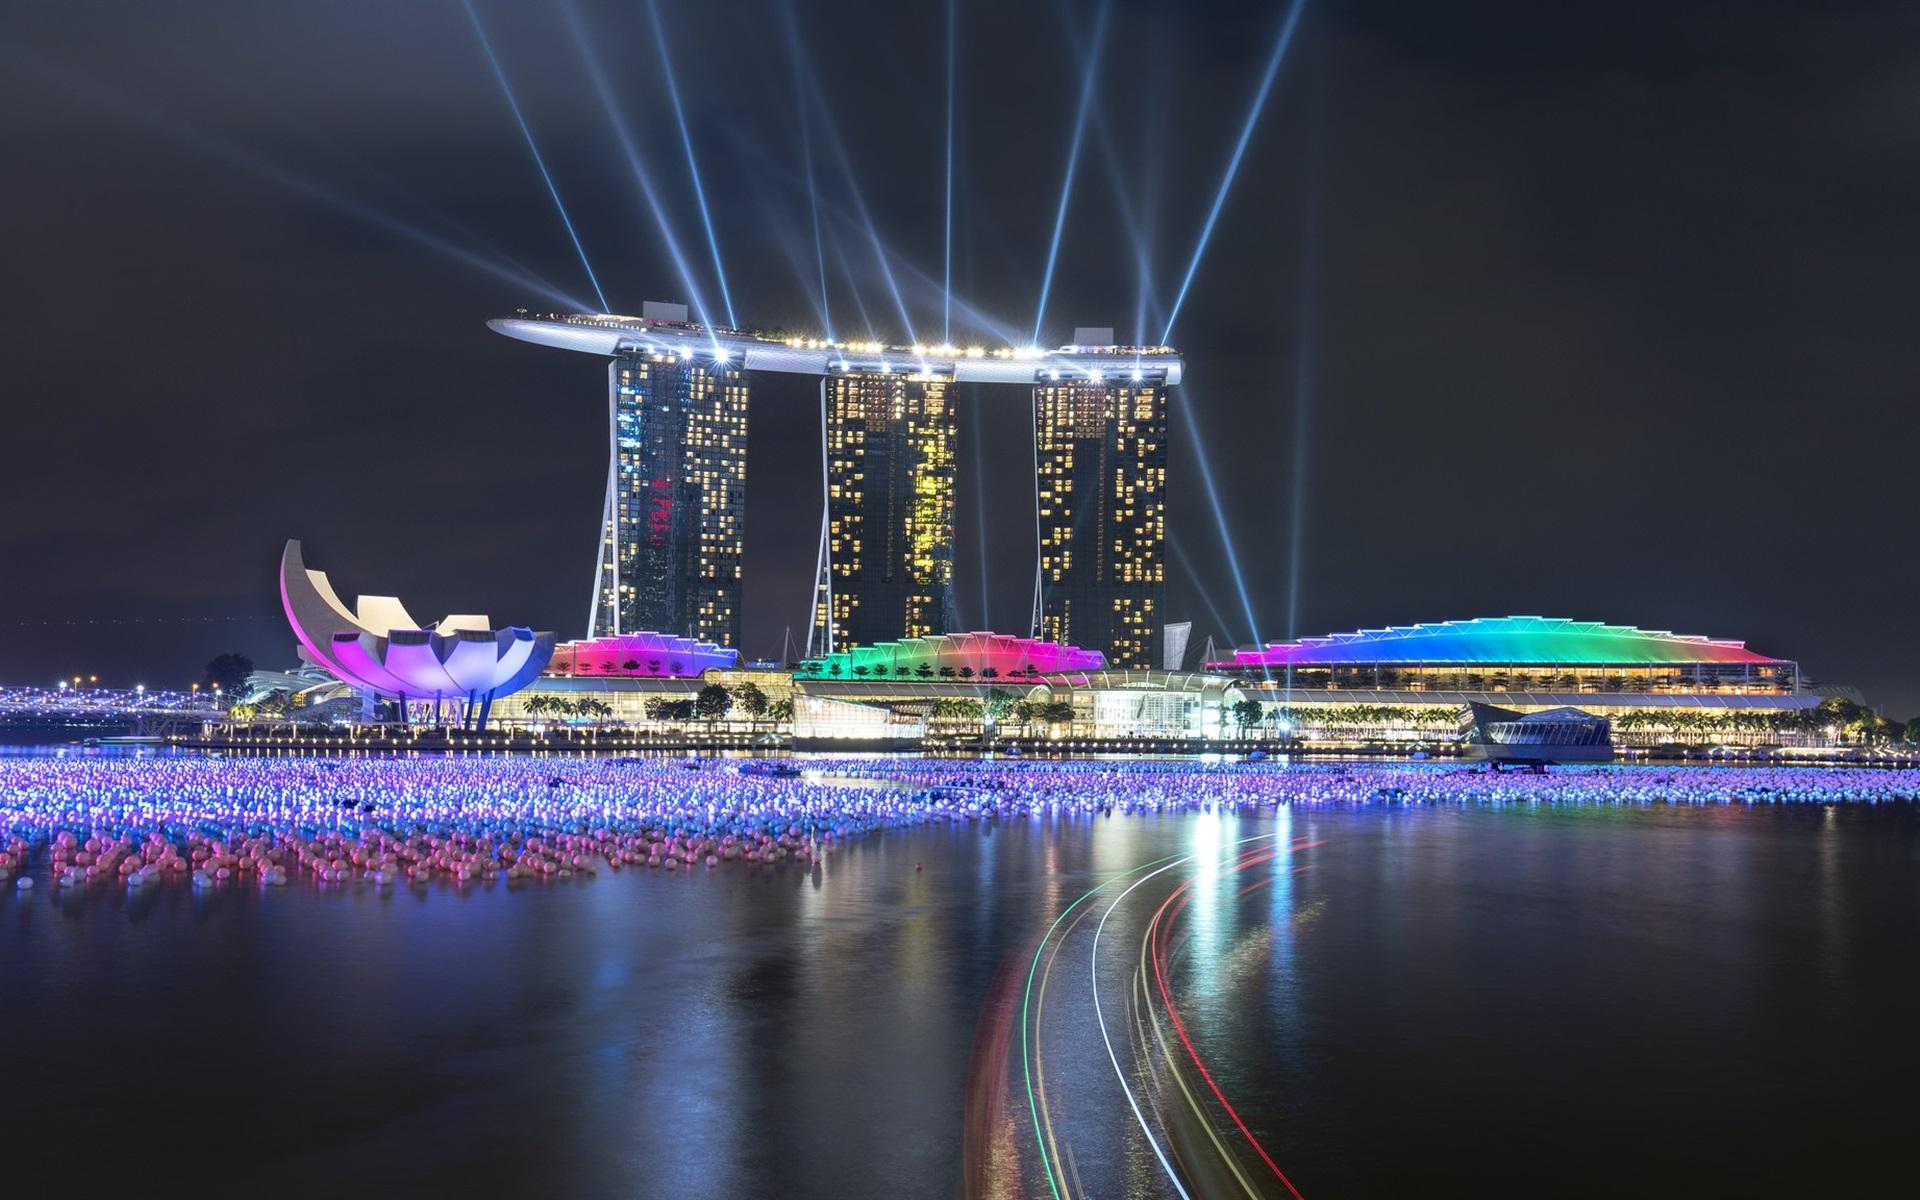 по-настоящему увлекается красивые фото на фоне сингапура растение утром либо